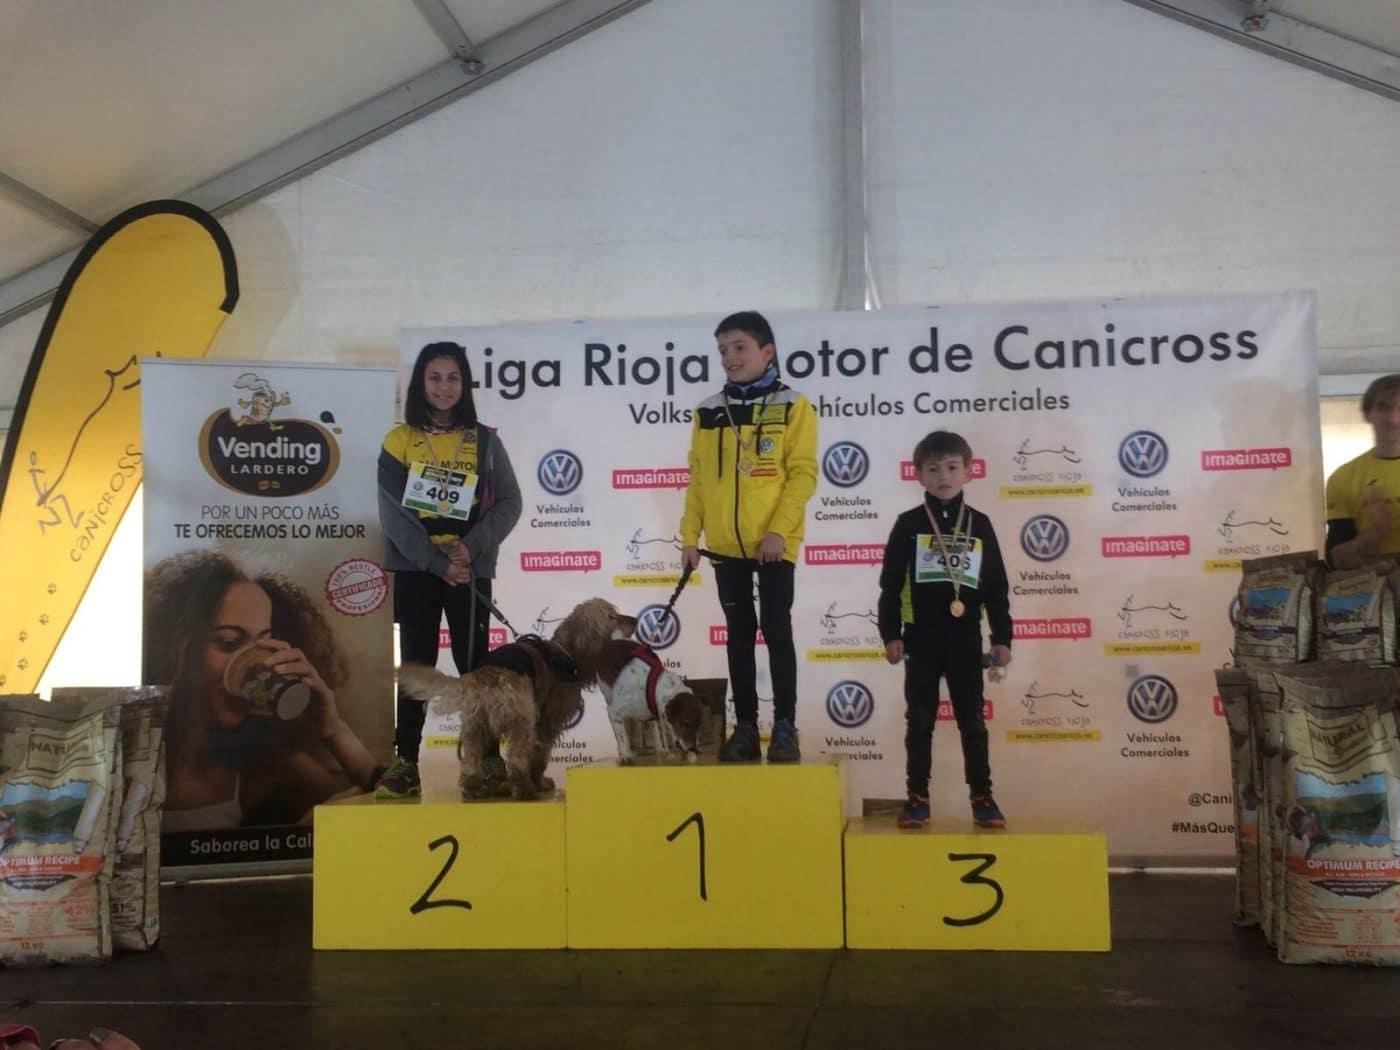 Felipe Larrazabal y Bárbara Badosa fueron los ganadores del Canicross Demanda Xtrem 2018 4